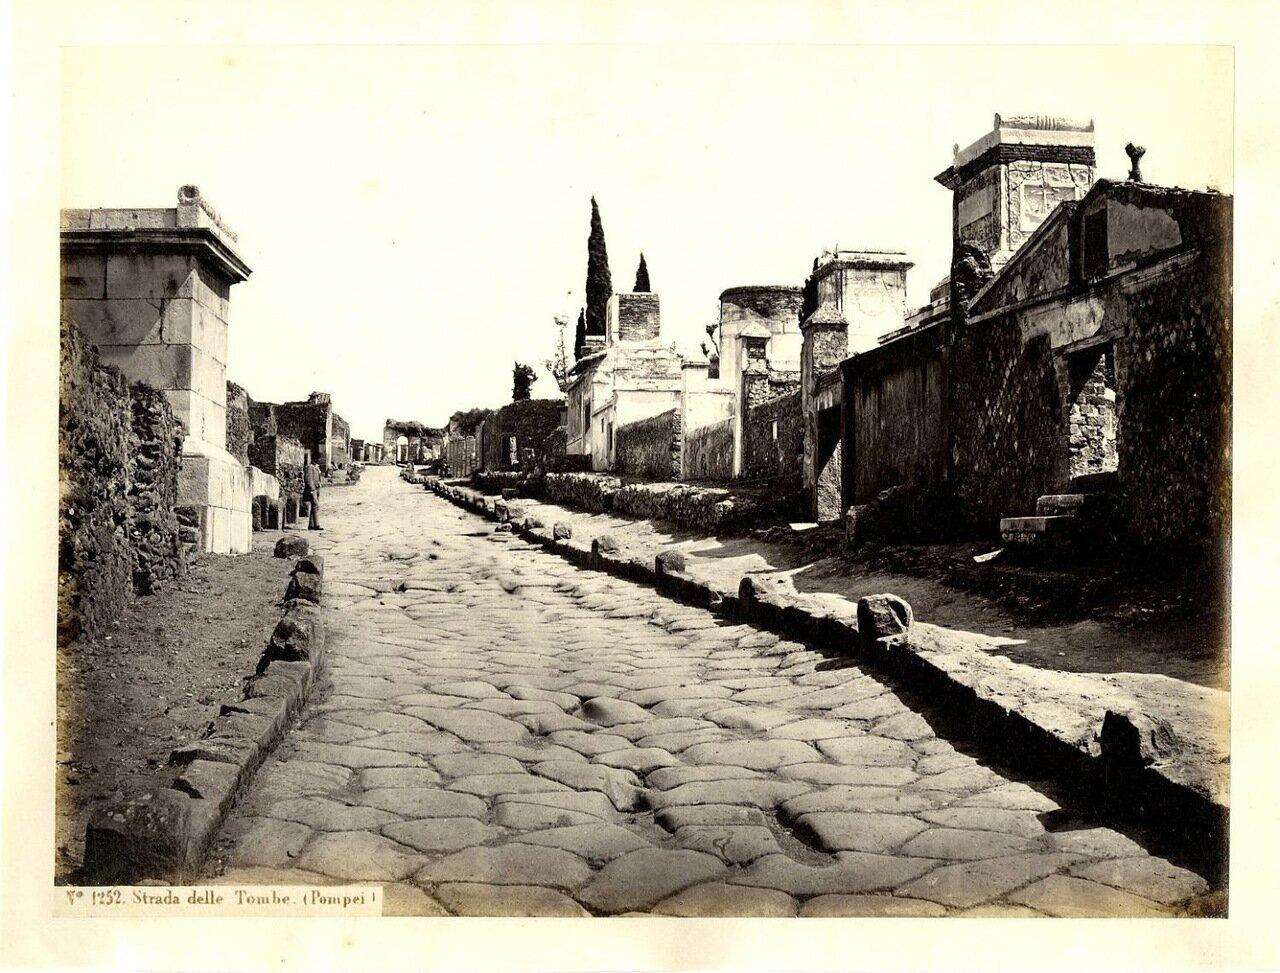 Улица Гробниц. Дорога, ведущая от Геркуланских ворот города к вилле Диомеда и дальше, к Вилле Мистерий. Вдоль нее располагается обширный некрополь.